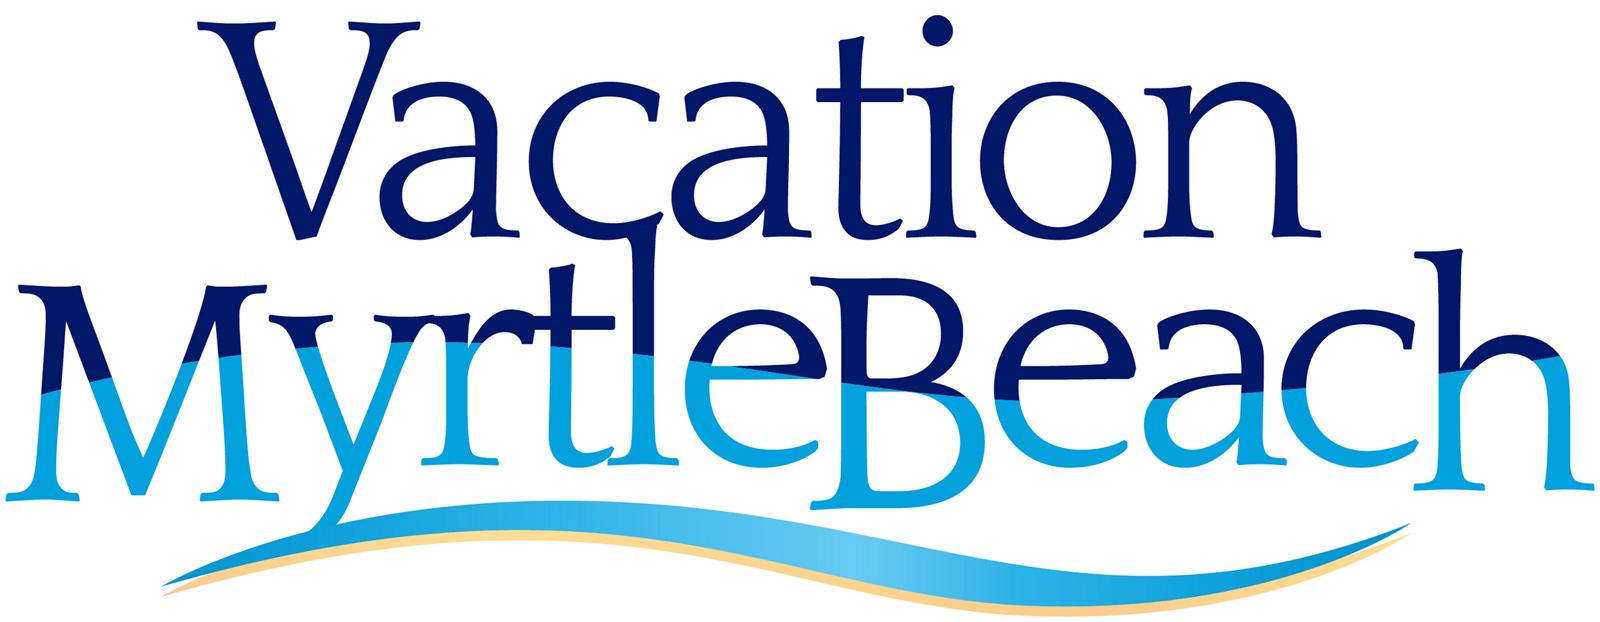 Vacation Myrtle Beach Resorts